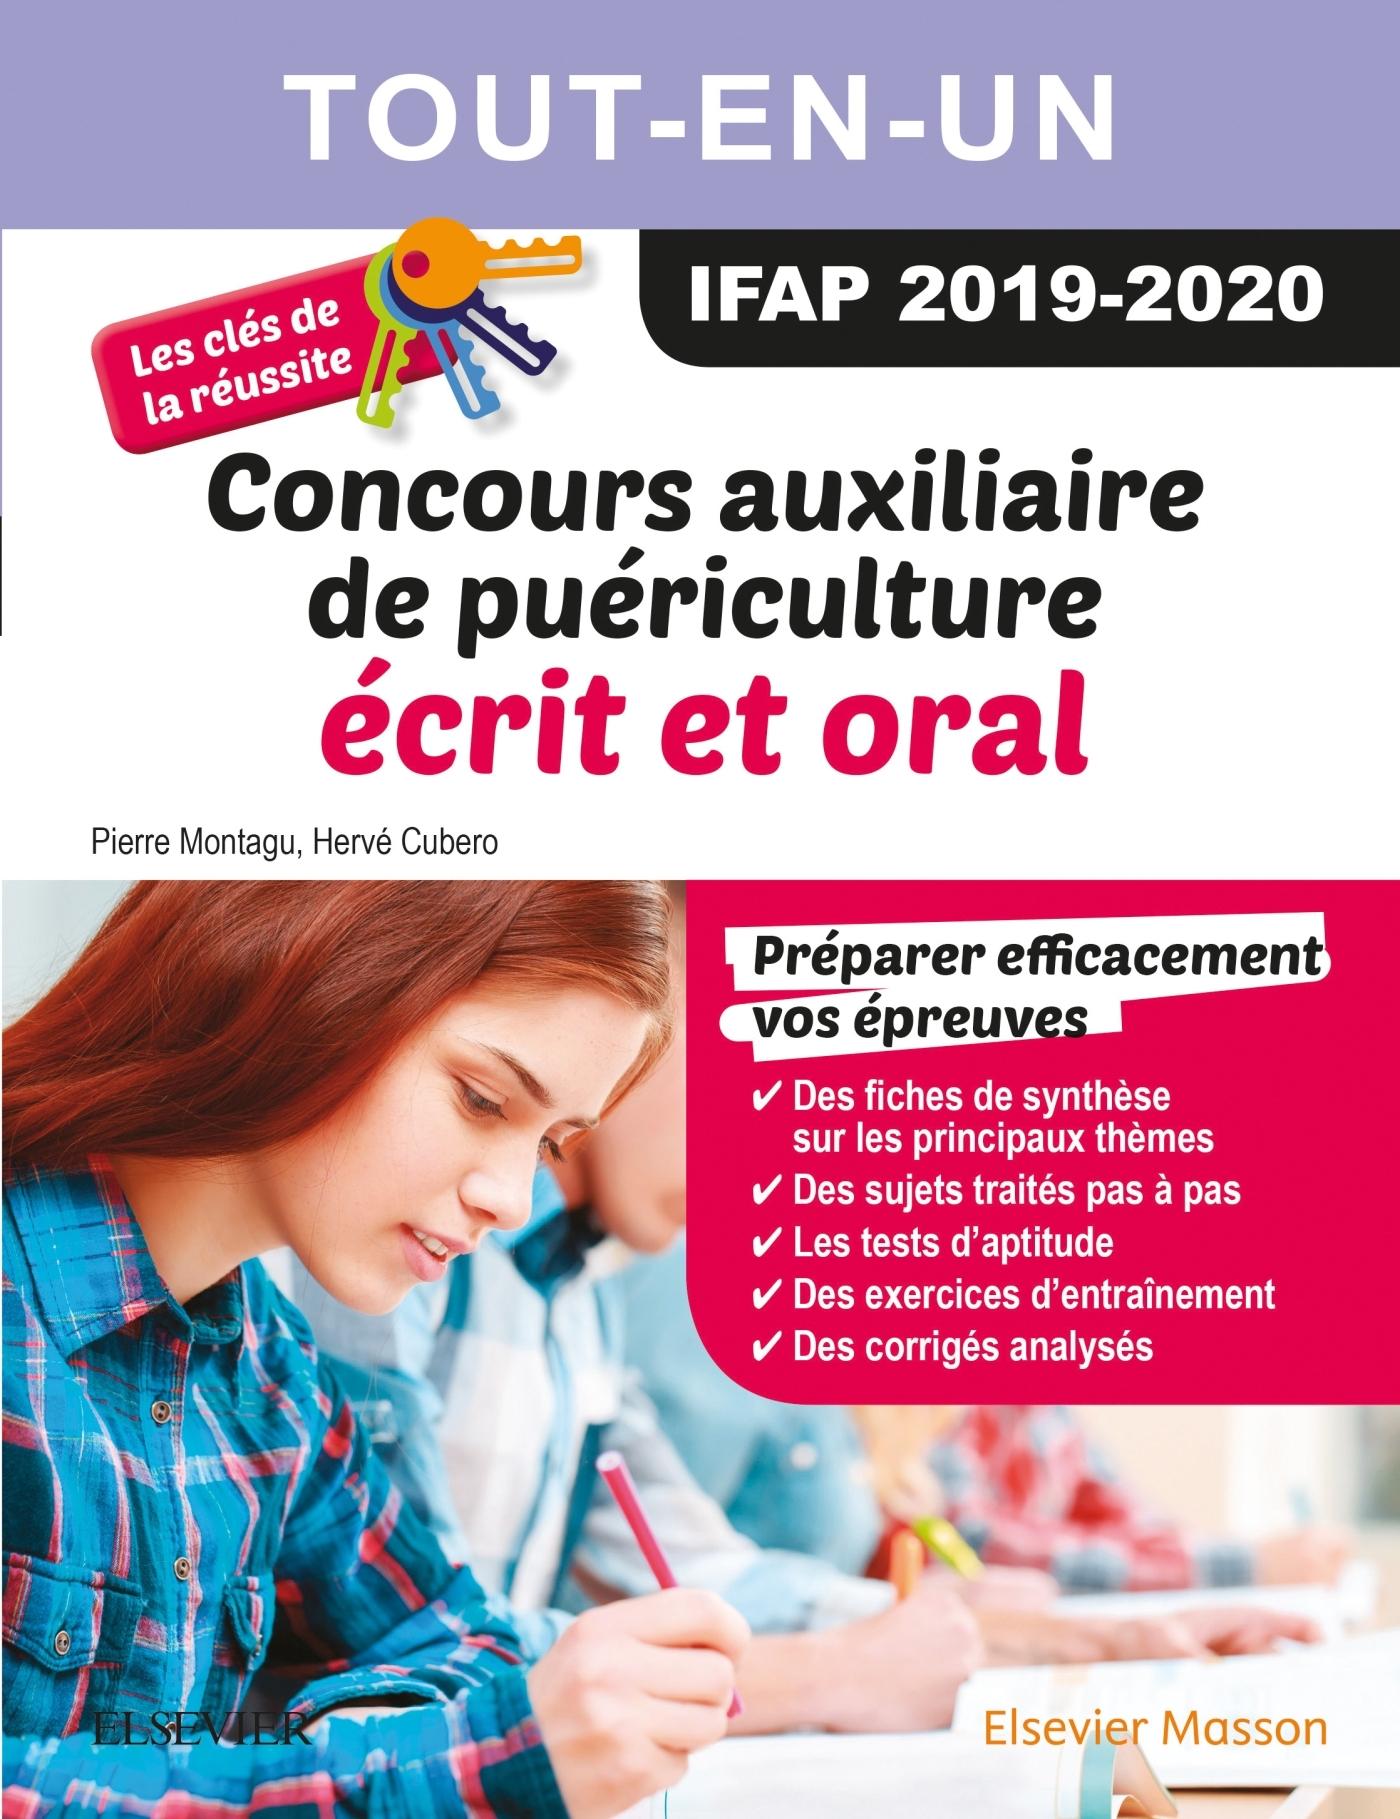 CONCOURS AUXILIAIRE DE PUERICULTURE 2019/2020 TOUT-EN-UN : ECRIT ET ORAL - LES CLES DE LA REUSSITE